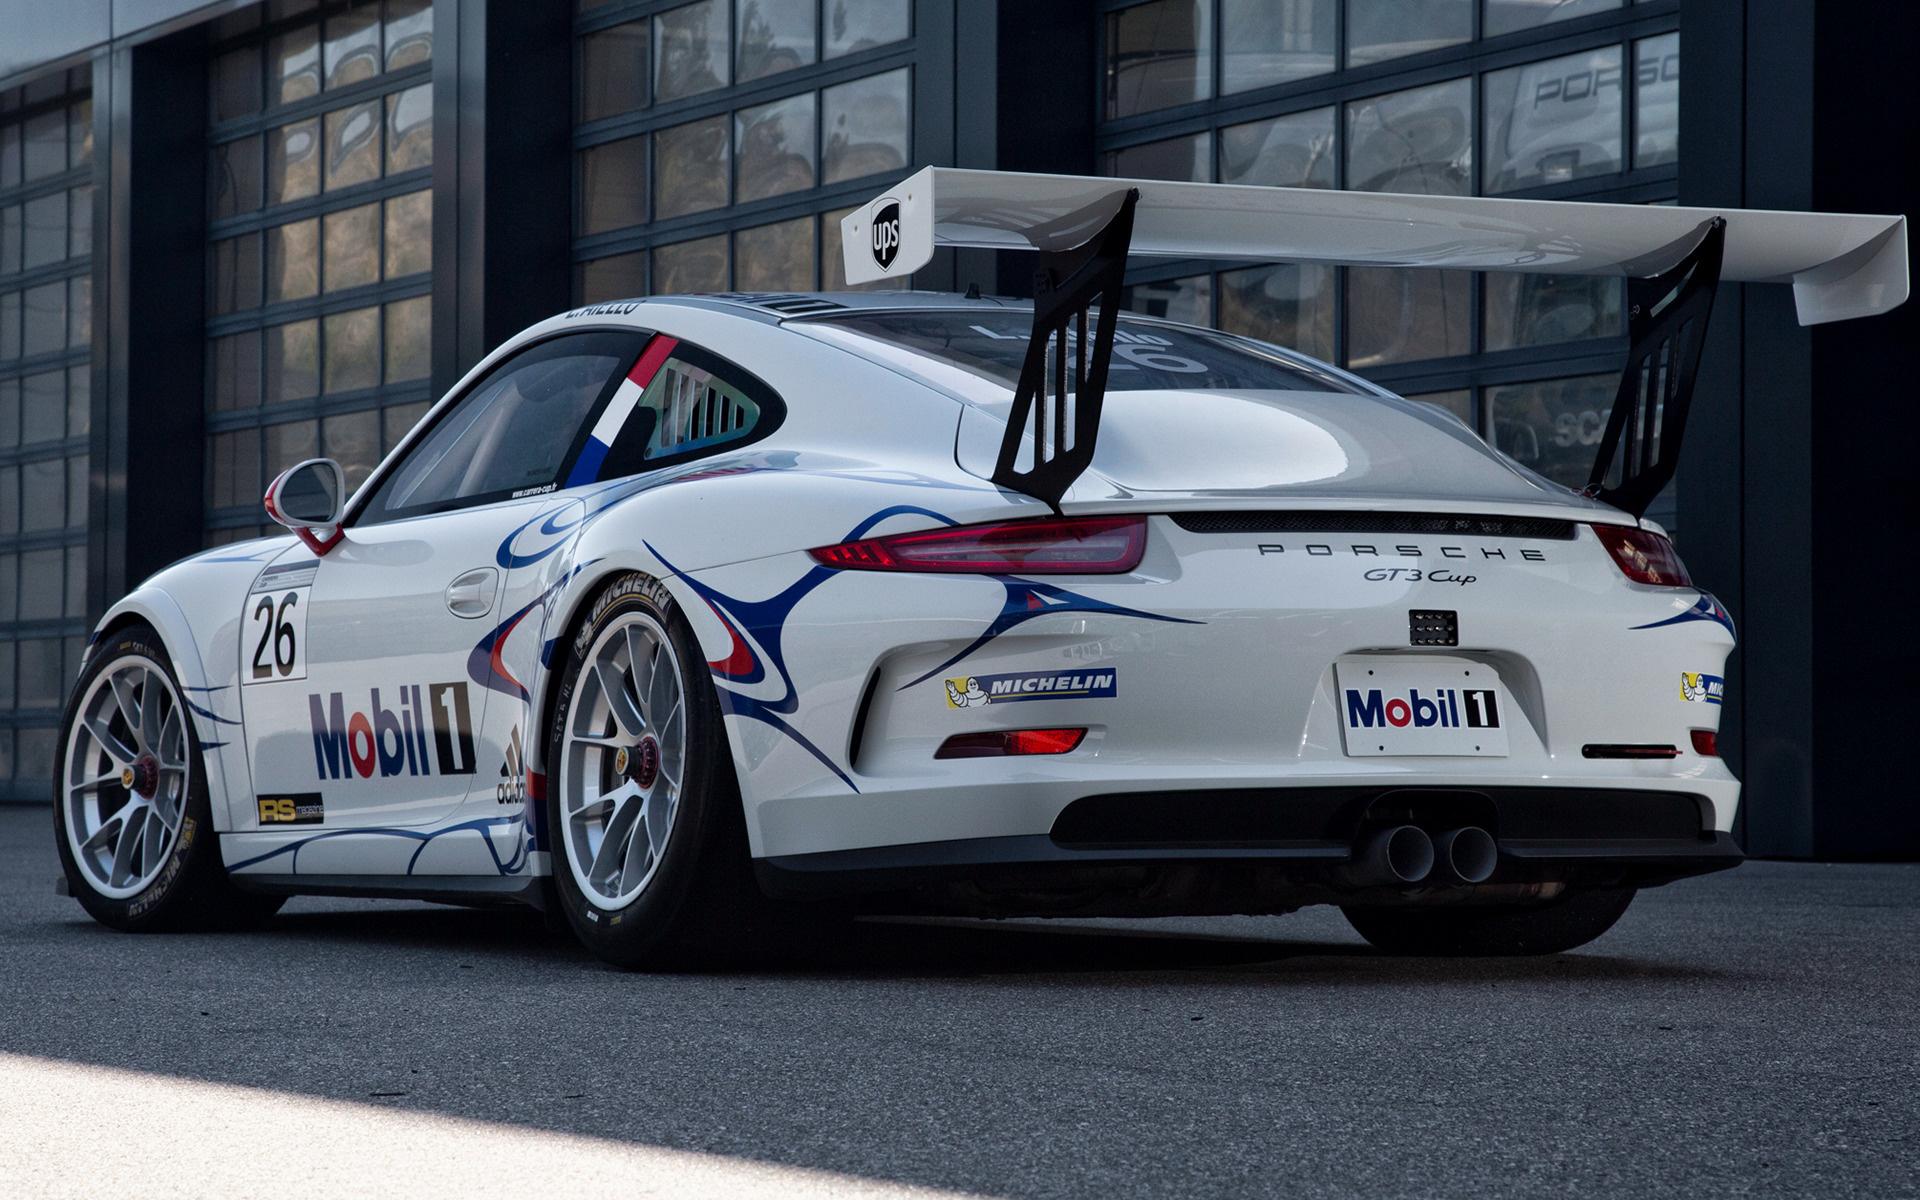 911 clipart wallpaper. Porsche gt cup wallpapers